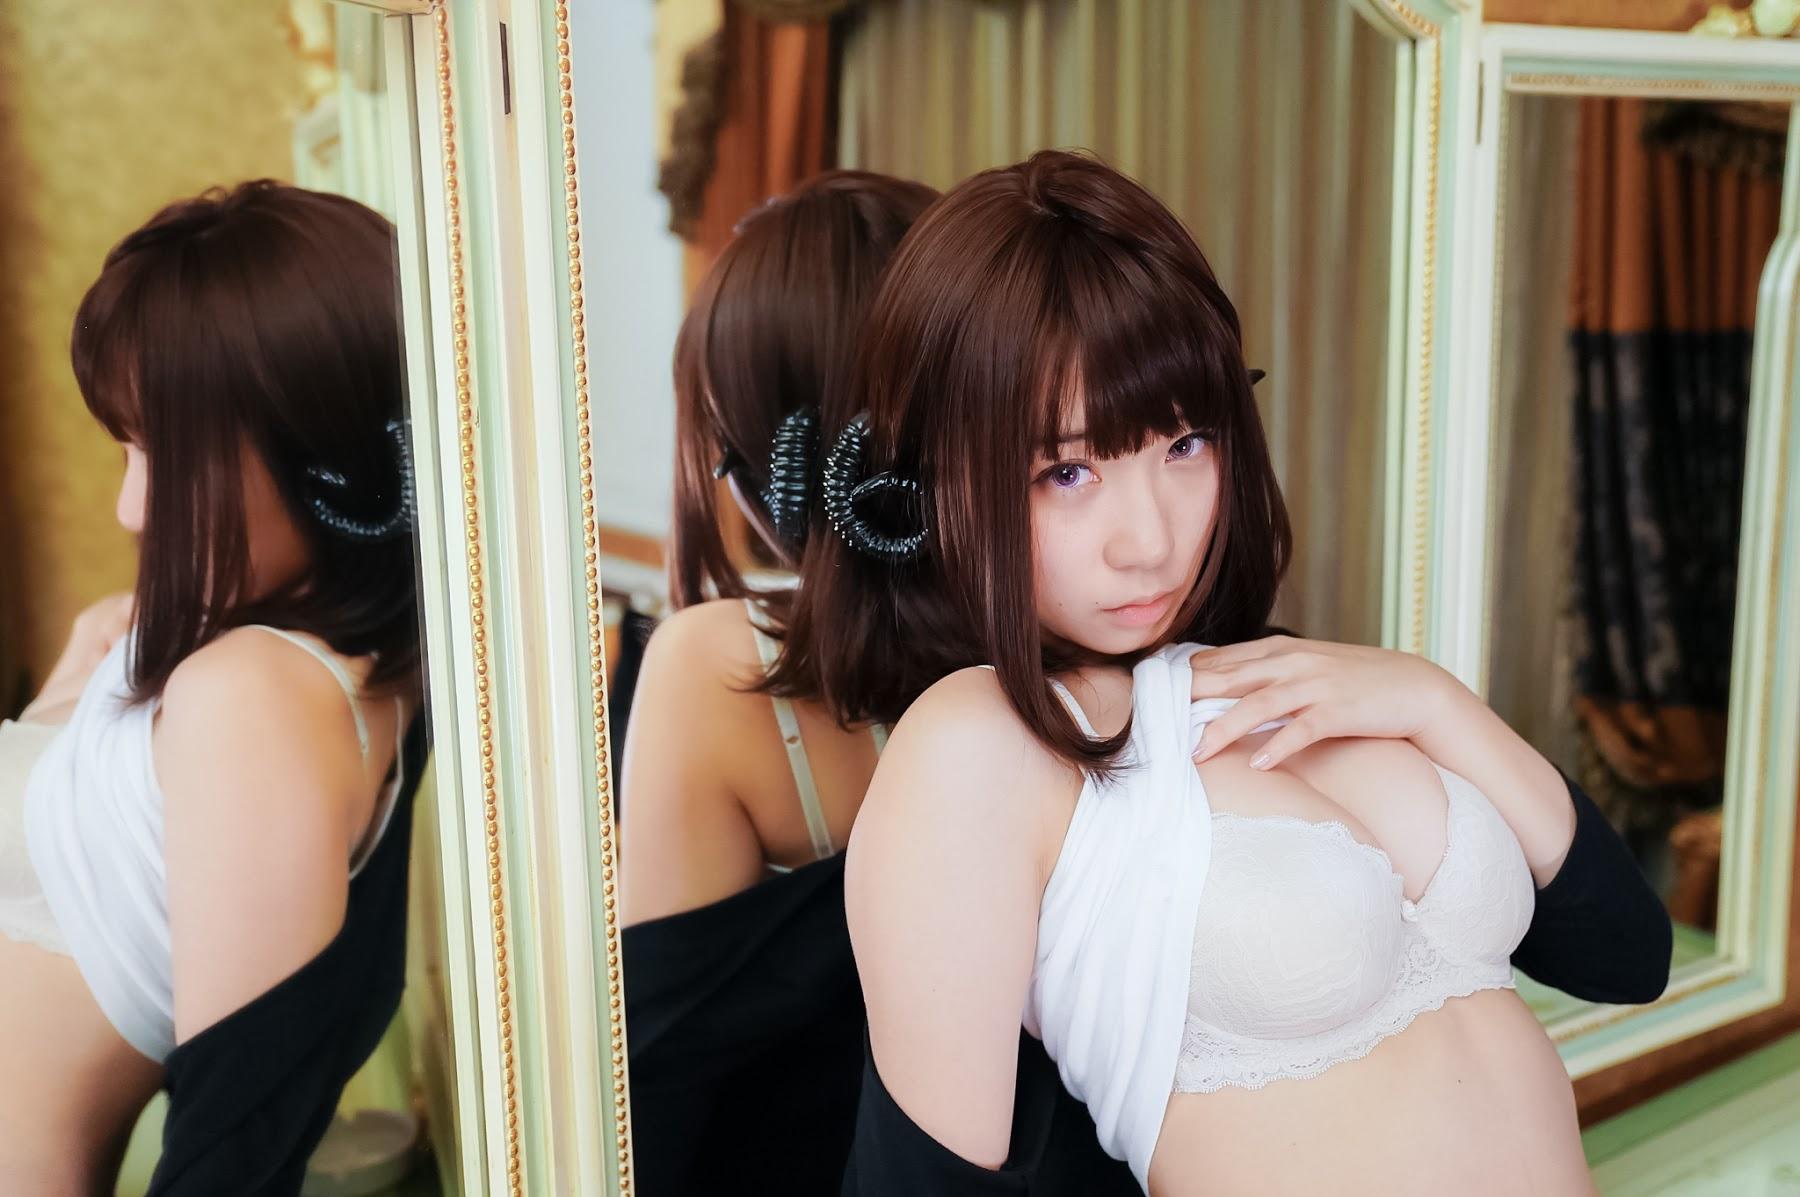 Succubus Girl Moe Iori105